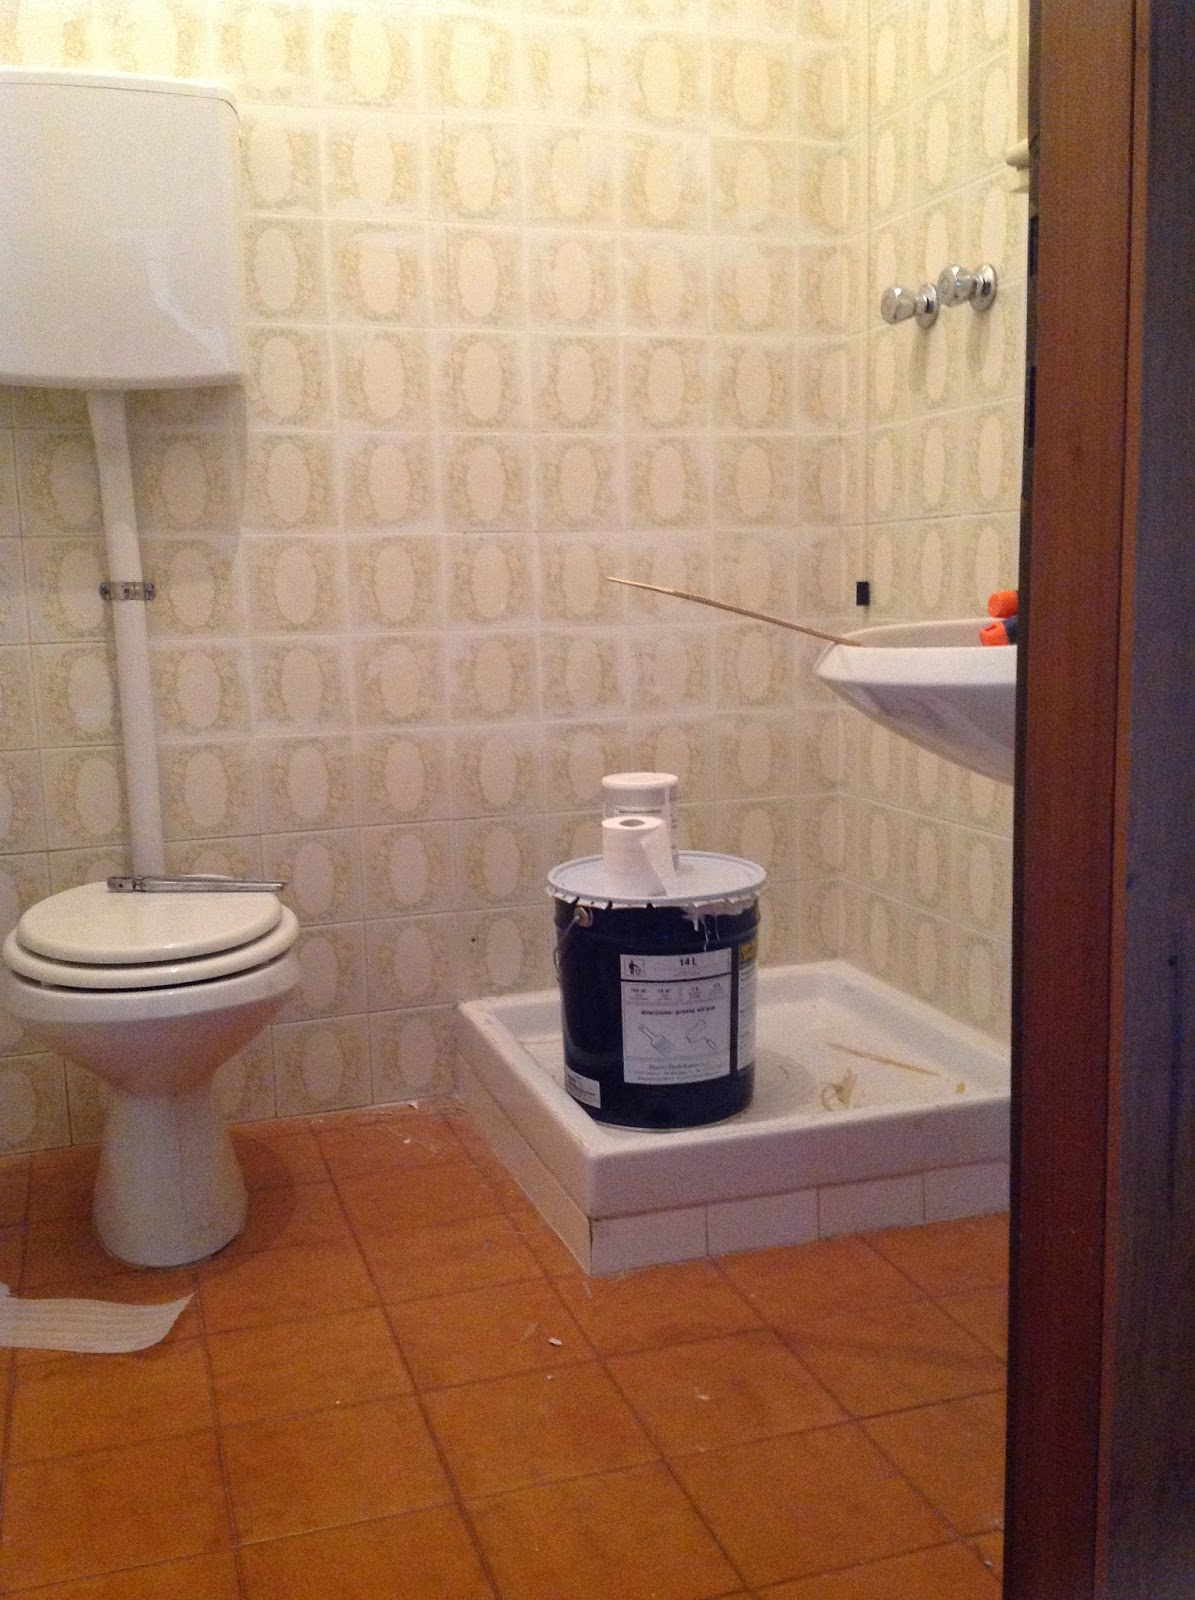 Coprire le piastrelle del bagno - Come rivestire il bagno ...